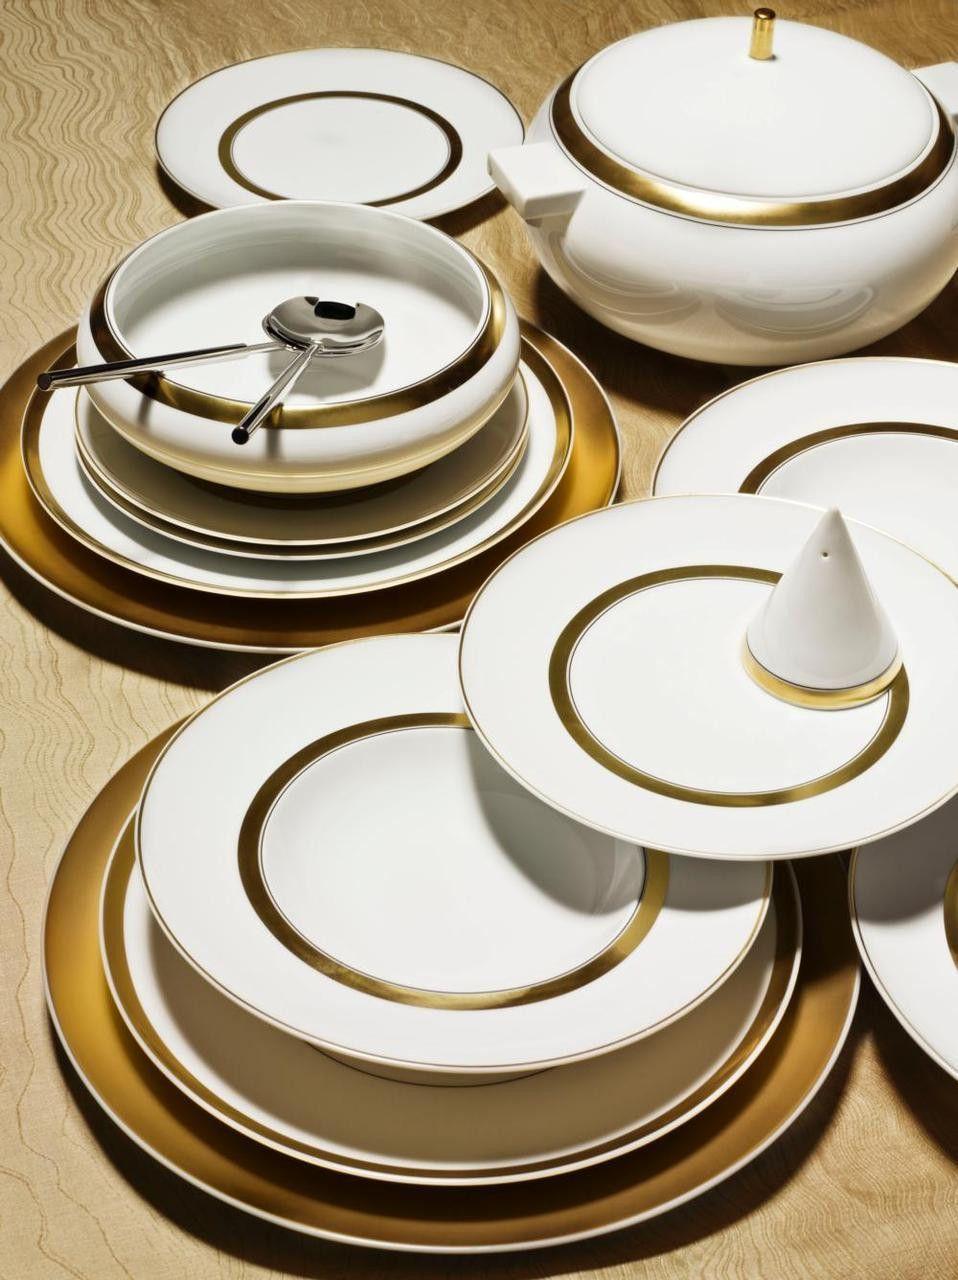 Domo Gold Small Oval Platter Tableware Porcelain Dinnerware Dinnerware